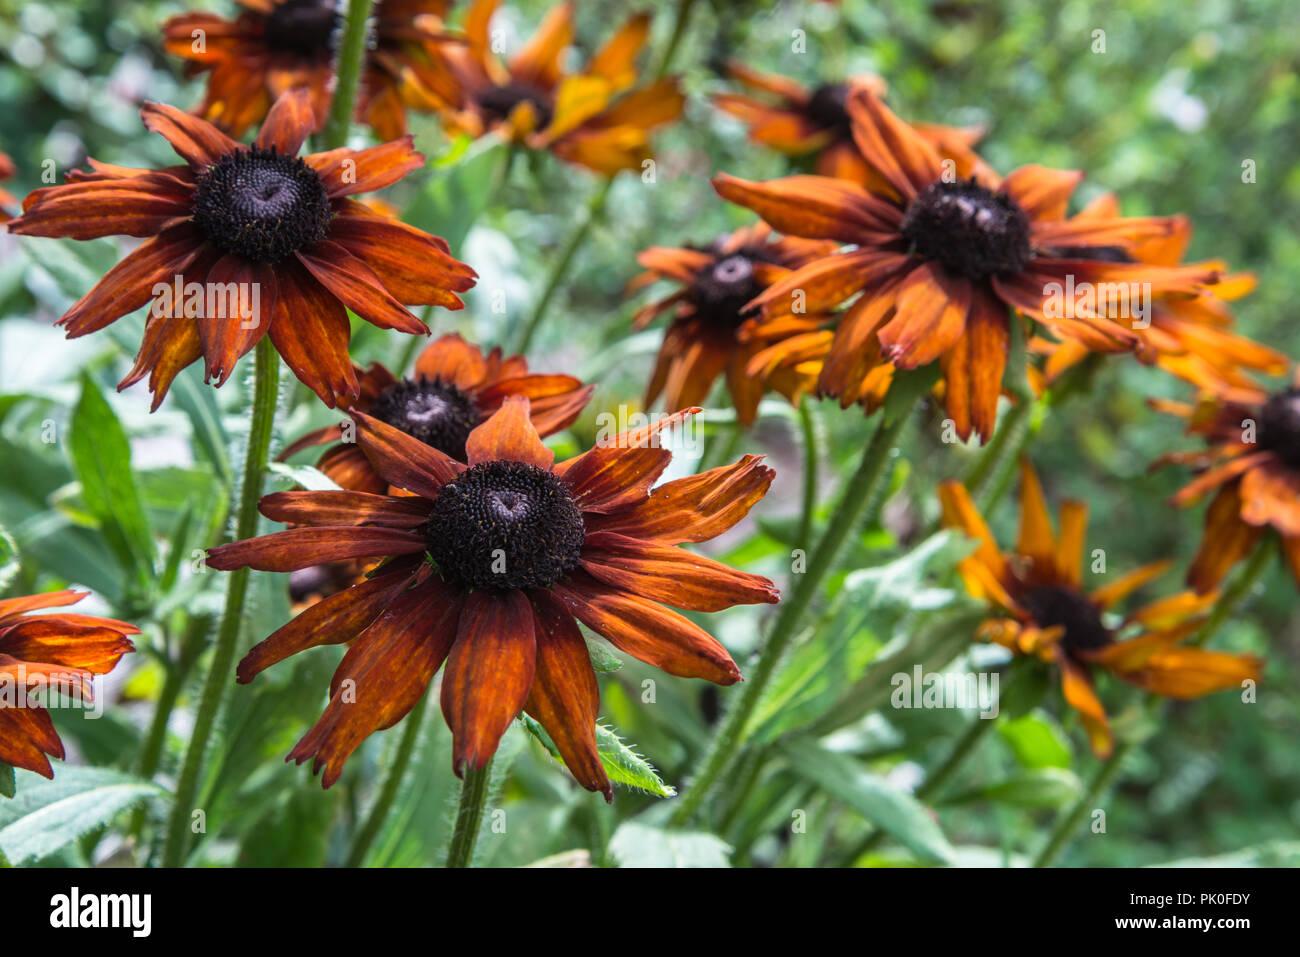 Fiori Arancioni.L Estate Fiori Arancioni Delle Piante Erbacee Perenni Echibeckia O